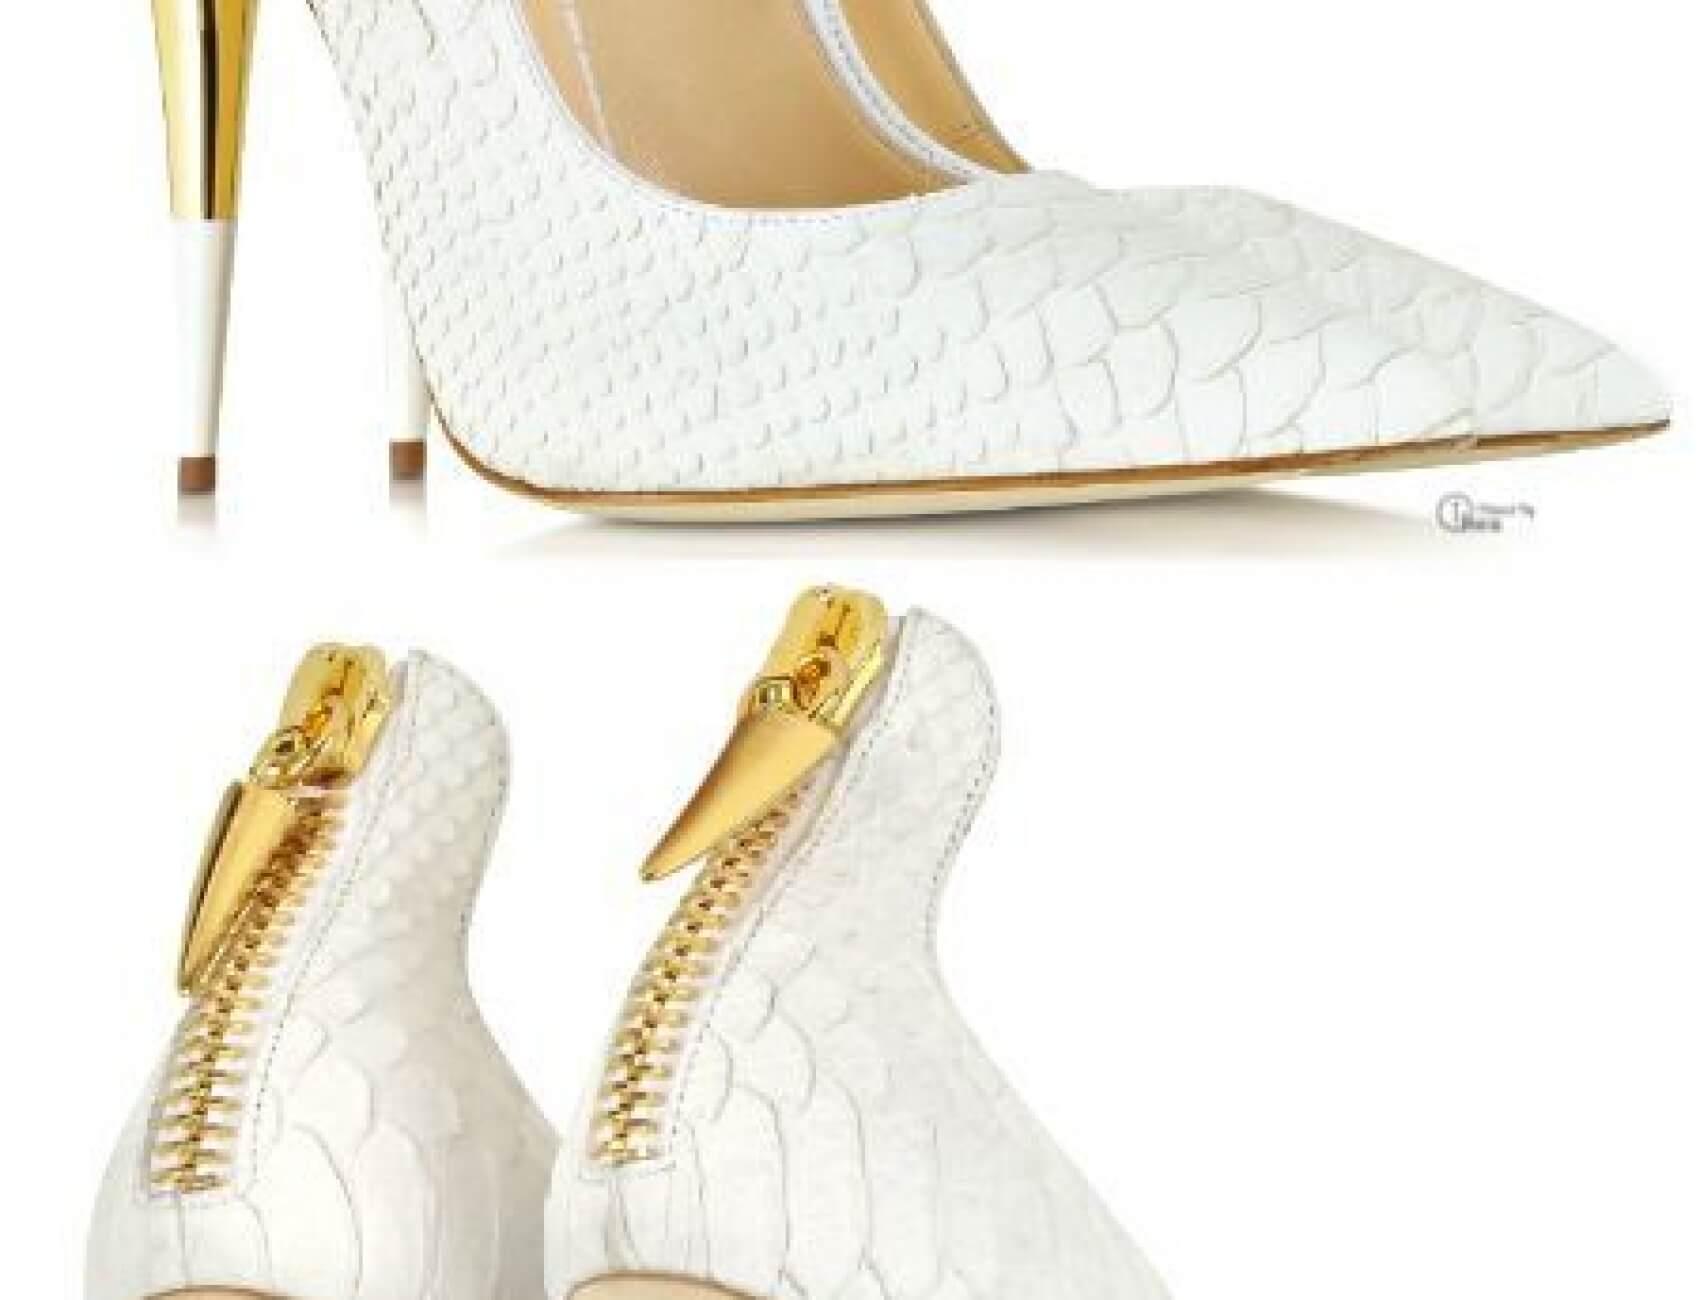 Yılan Derisi Beyaz Gelin Ayakkabısı Nasıl Olur